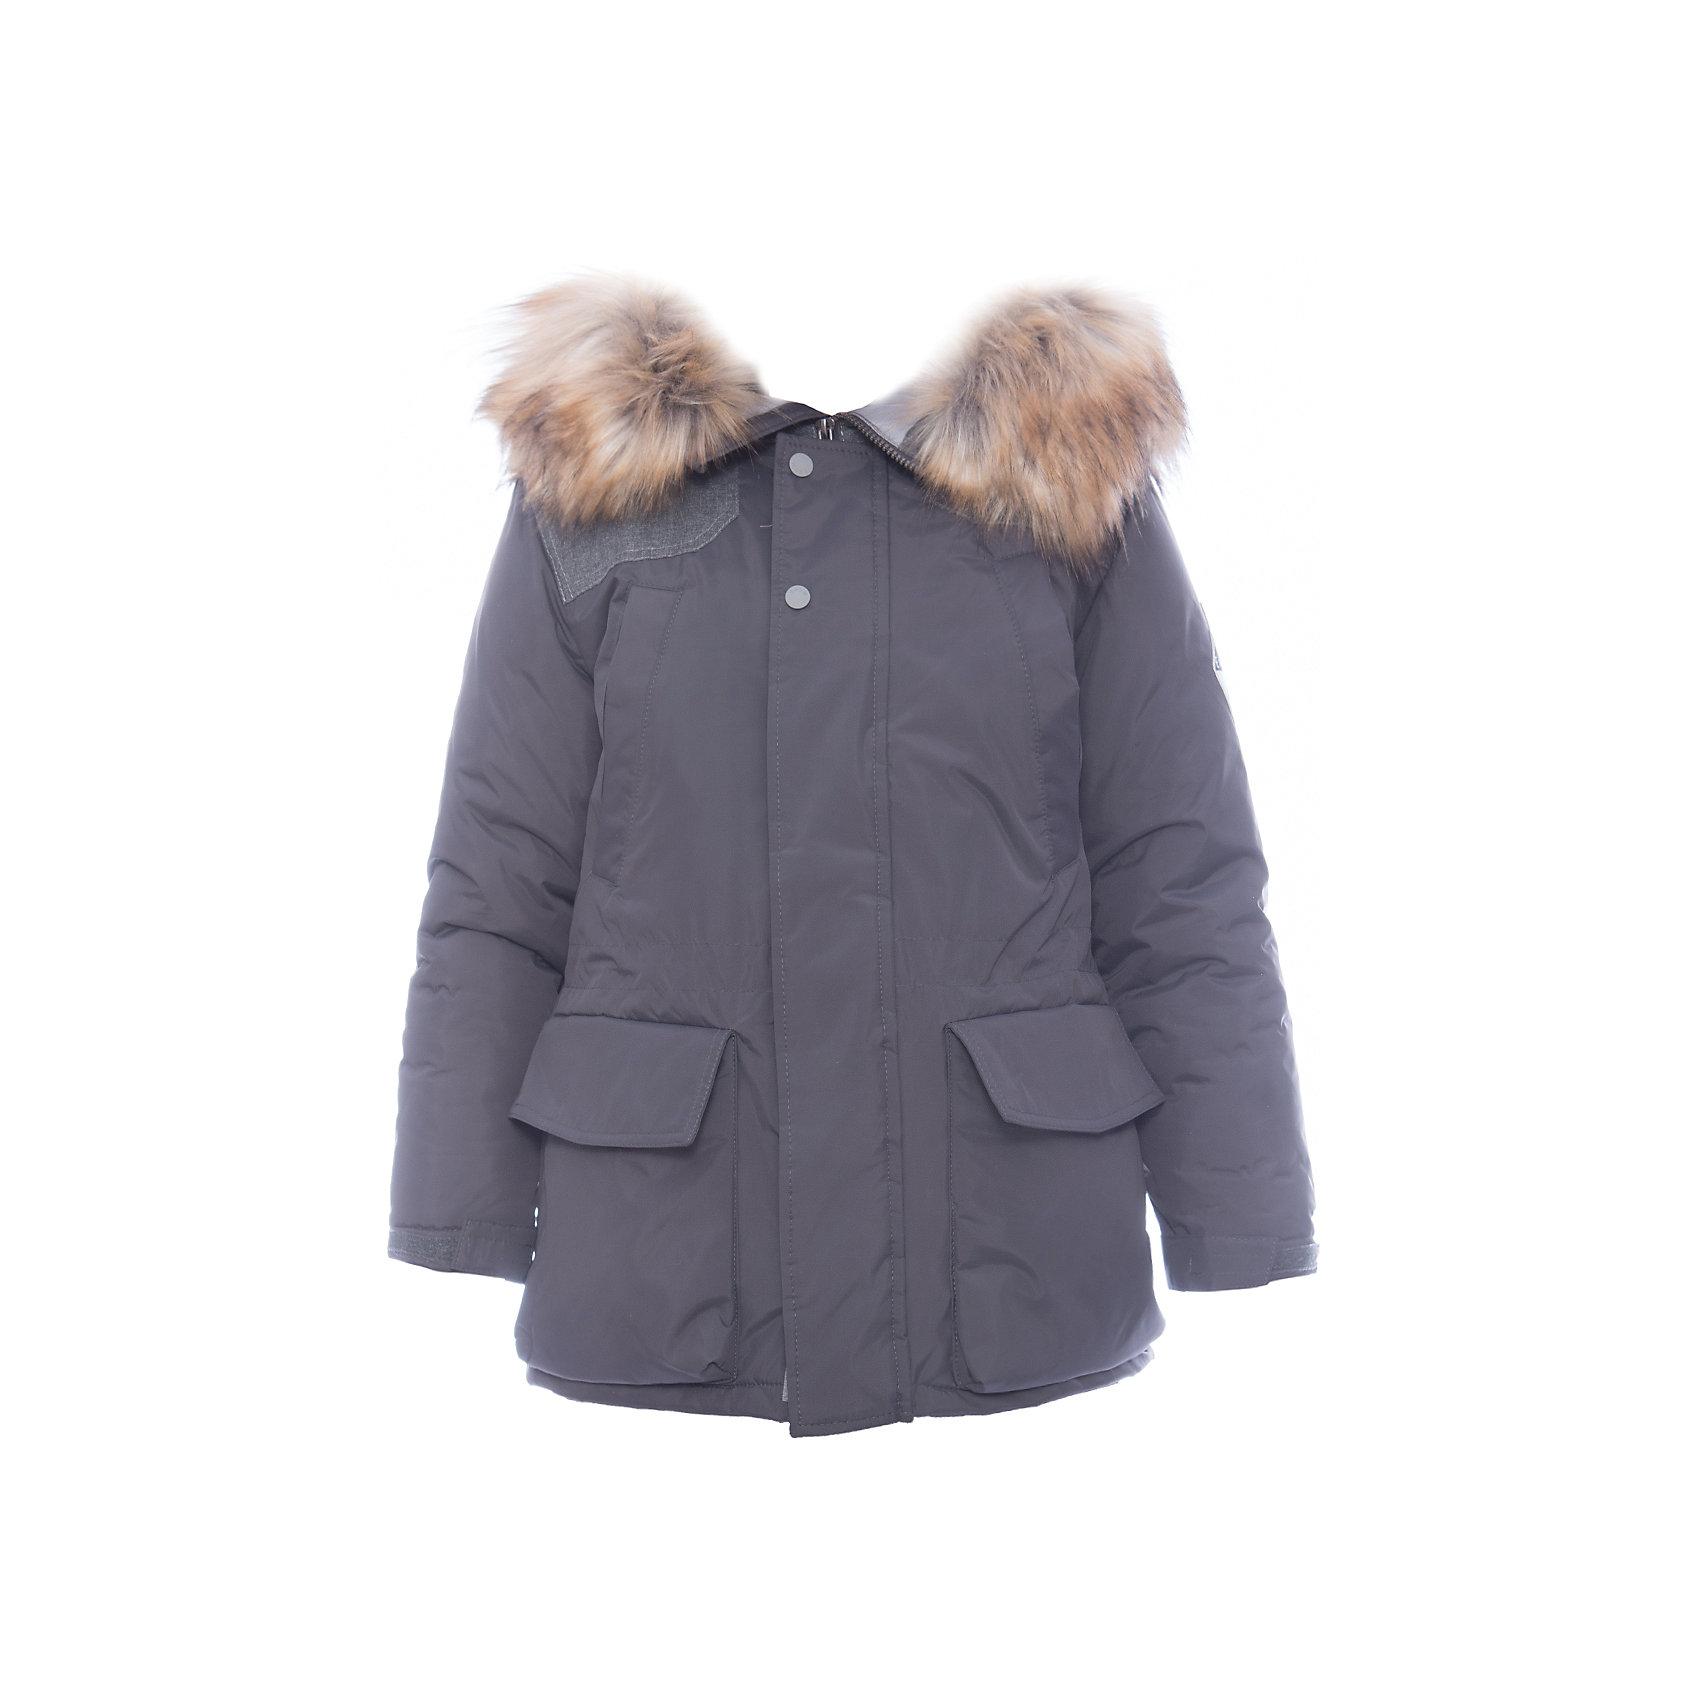 Куртка BOOM by Orby для мальчикаВерхняя одежда<br>Характеристики товара:<br><br>• цвет: серый<br>• состав ткани: таффета<br>• подкладка: полиэстер стеганый<br>• утеплитель: Flexy Fiber, эко-синтепон<br>• сезон: зима<br>• мембранное покрытие<br>• температурный режим: от 0 до -30С<br>• водонепроницаемость: 3000 мм <br>• паропроницаемость: 3000 г/м2<br>• плотность утеплителя: 200 г/м2<br>• капюшон: с мехом<br>• застежка: молния<br>• куртка-пристежка в комплекте<br>• страна бренда: Россия<br>• страна изготовитель: Россия<br><br>Эта детская куртка отлично подойдет для зимних холодов и для оттепели - специальная подстежка для этой зимней куртки снимается в более теплую погоду. Зимняя куртка для ребенка поможет обеспечить необходимый уровень утепления. Детская теплая куртка дополнена удобным капюшоном, планкой от ветра и карманами. <br><br>Куртку для мальчика BOOM by Orby (Бум бай Орби) можно купить в нашем интернет-магазине.<br><br>Ширина мм: 356<br>Глубина мм: 10<br>Высота мм: 245<br>Вес г: 519<br>Цвет: серый<br>Возраст от месяцев: 168<br>Возраст до месяцев: 180<br>Пол: Мужской<br>Возраст: Детский<br>Размер: 170,98,104,110,116,122,128,134,140,146,152,158,164<br>SKU: 7090827